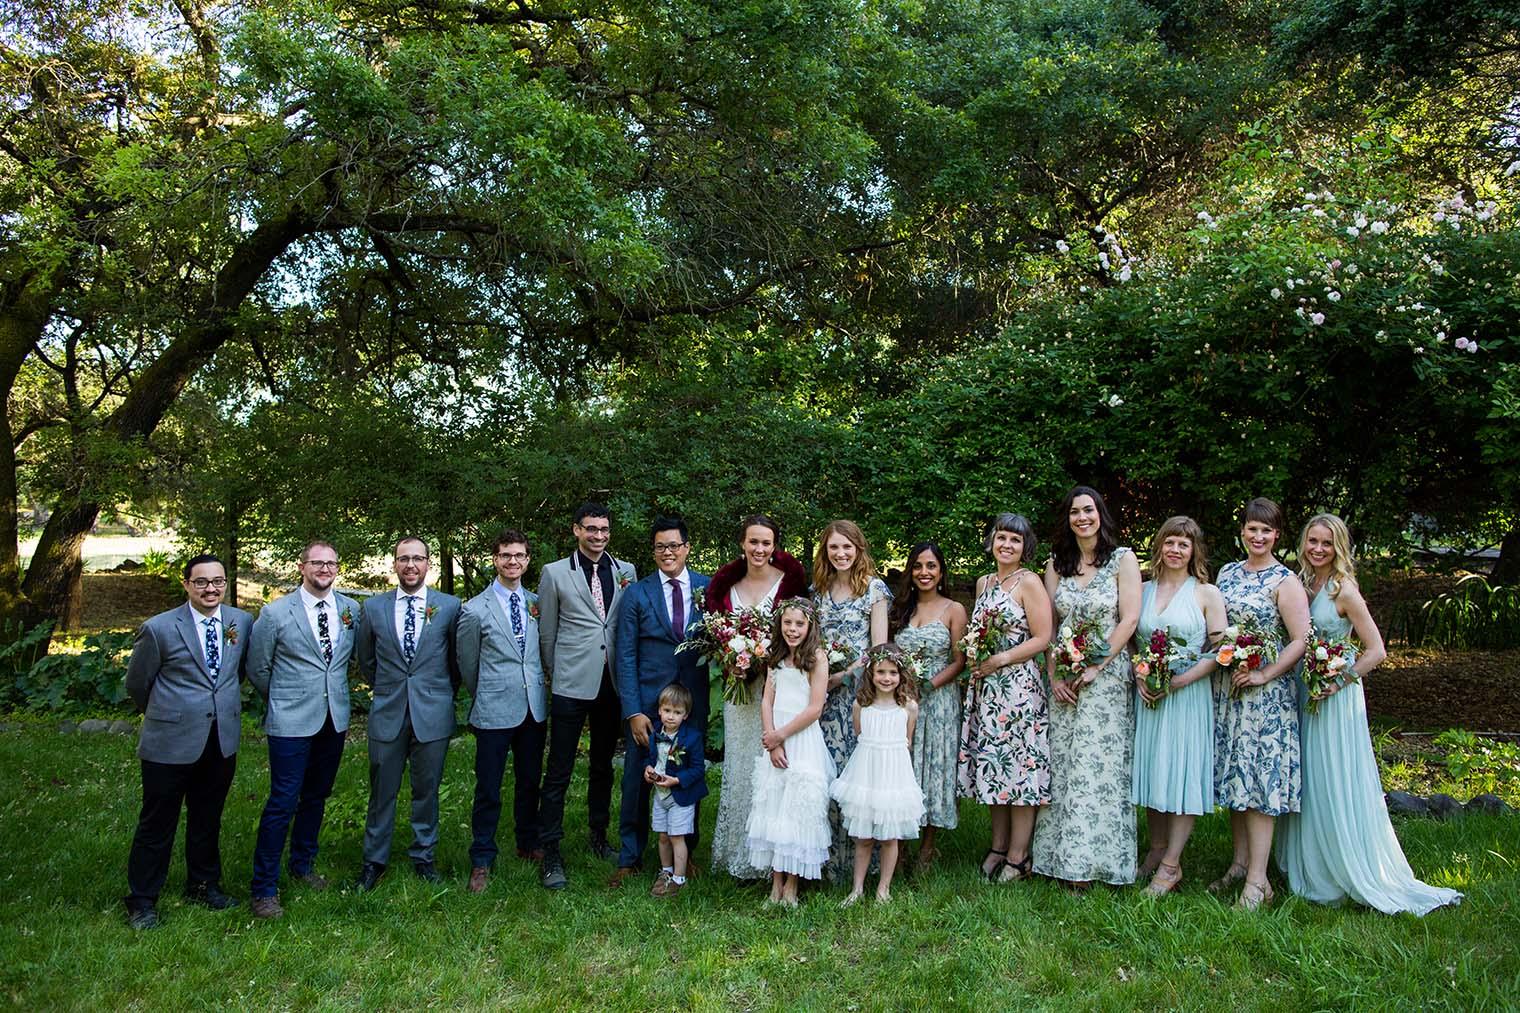 Bridal Party Wedding Photos at Westerbeke Ranch